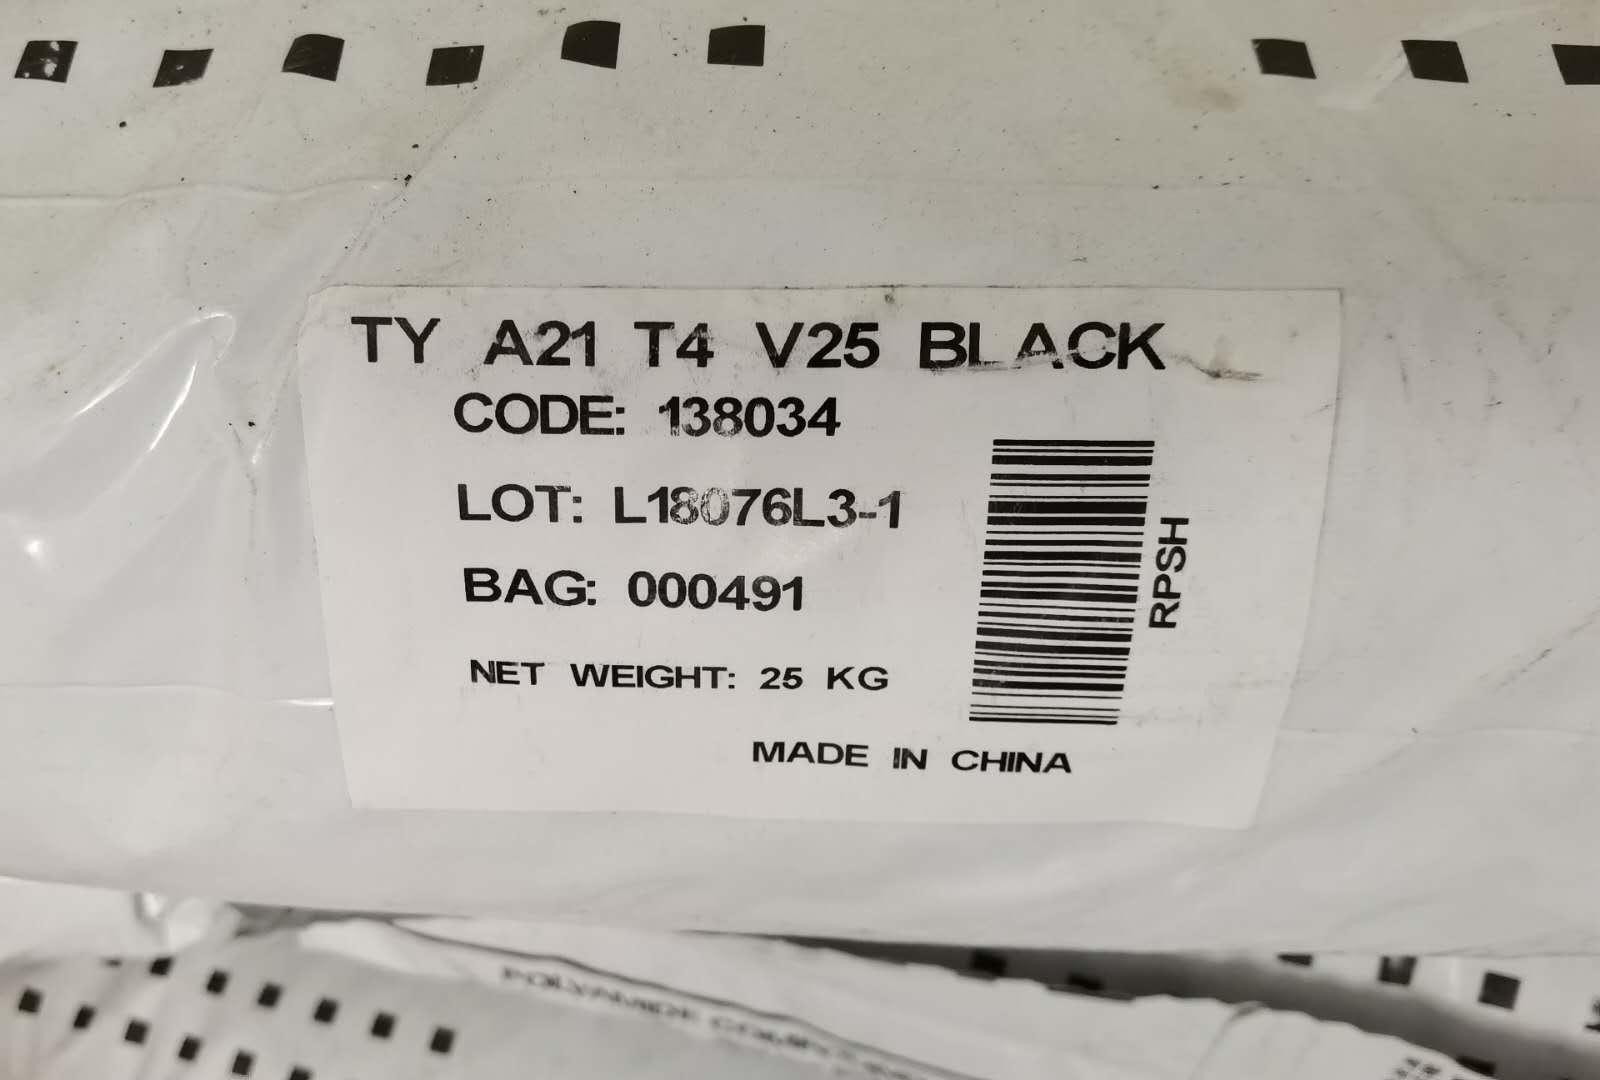 Technyl A21T4 V25